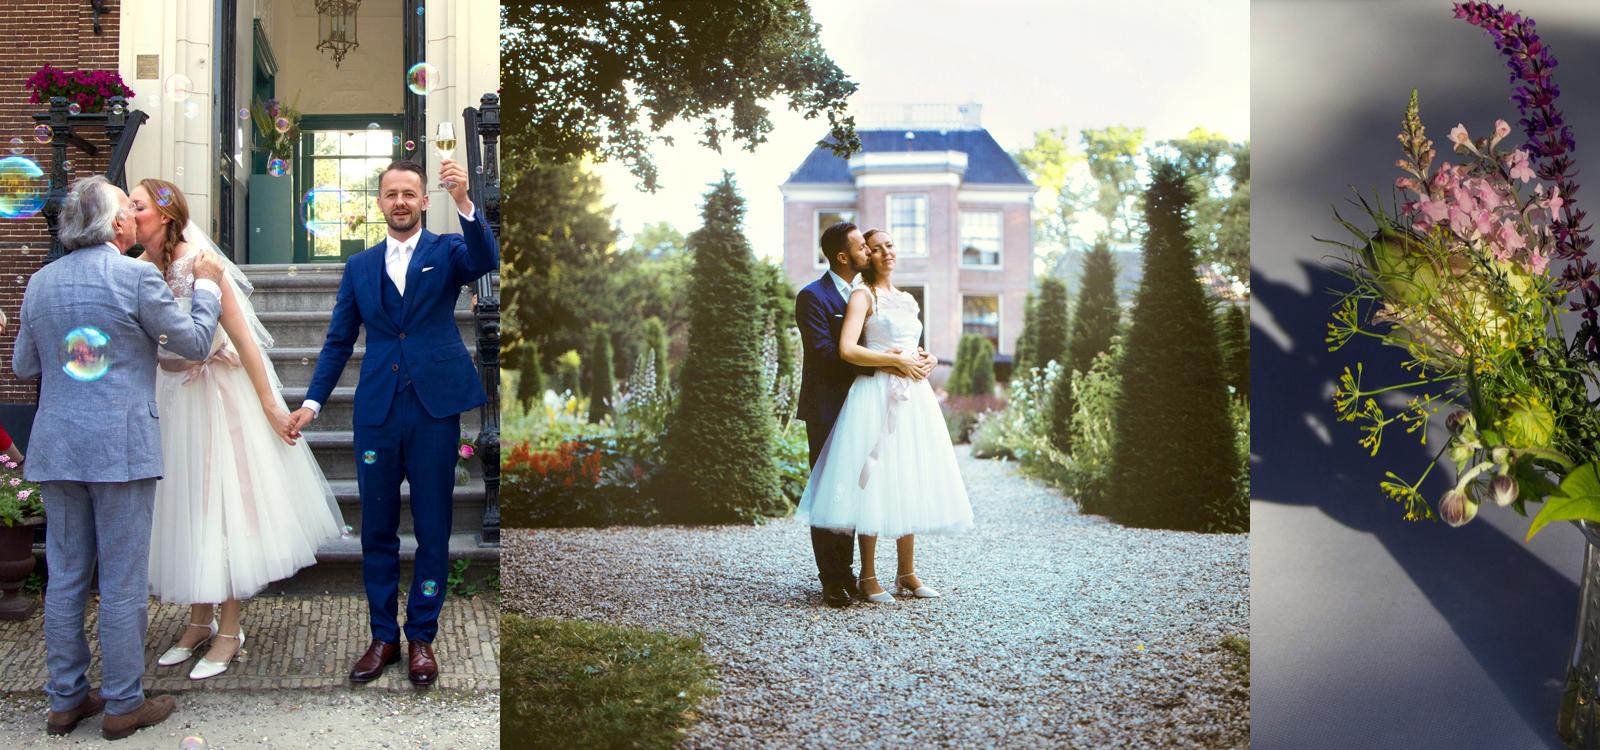 Sfeervolle trouwfotografie door een ervaren trouwfotograaf.